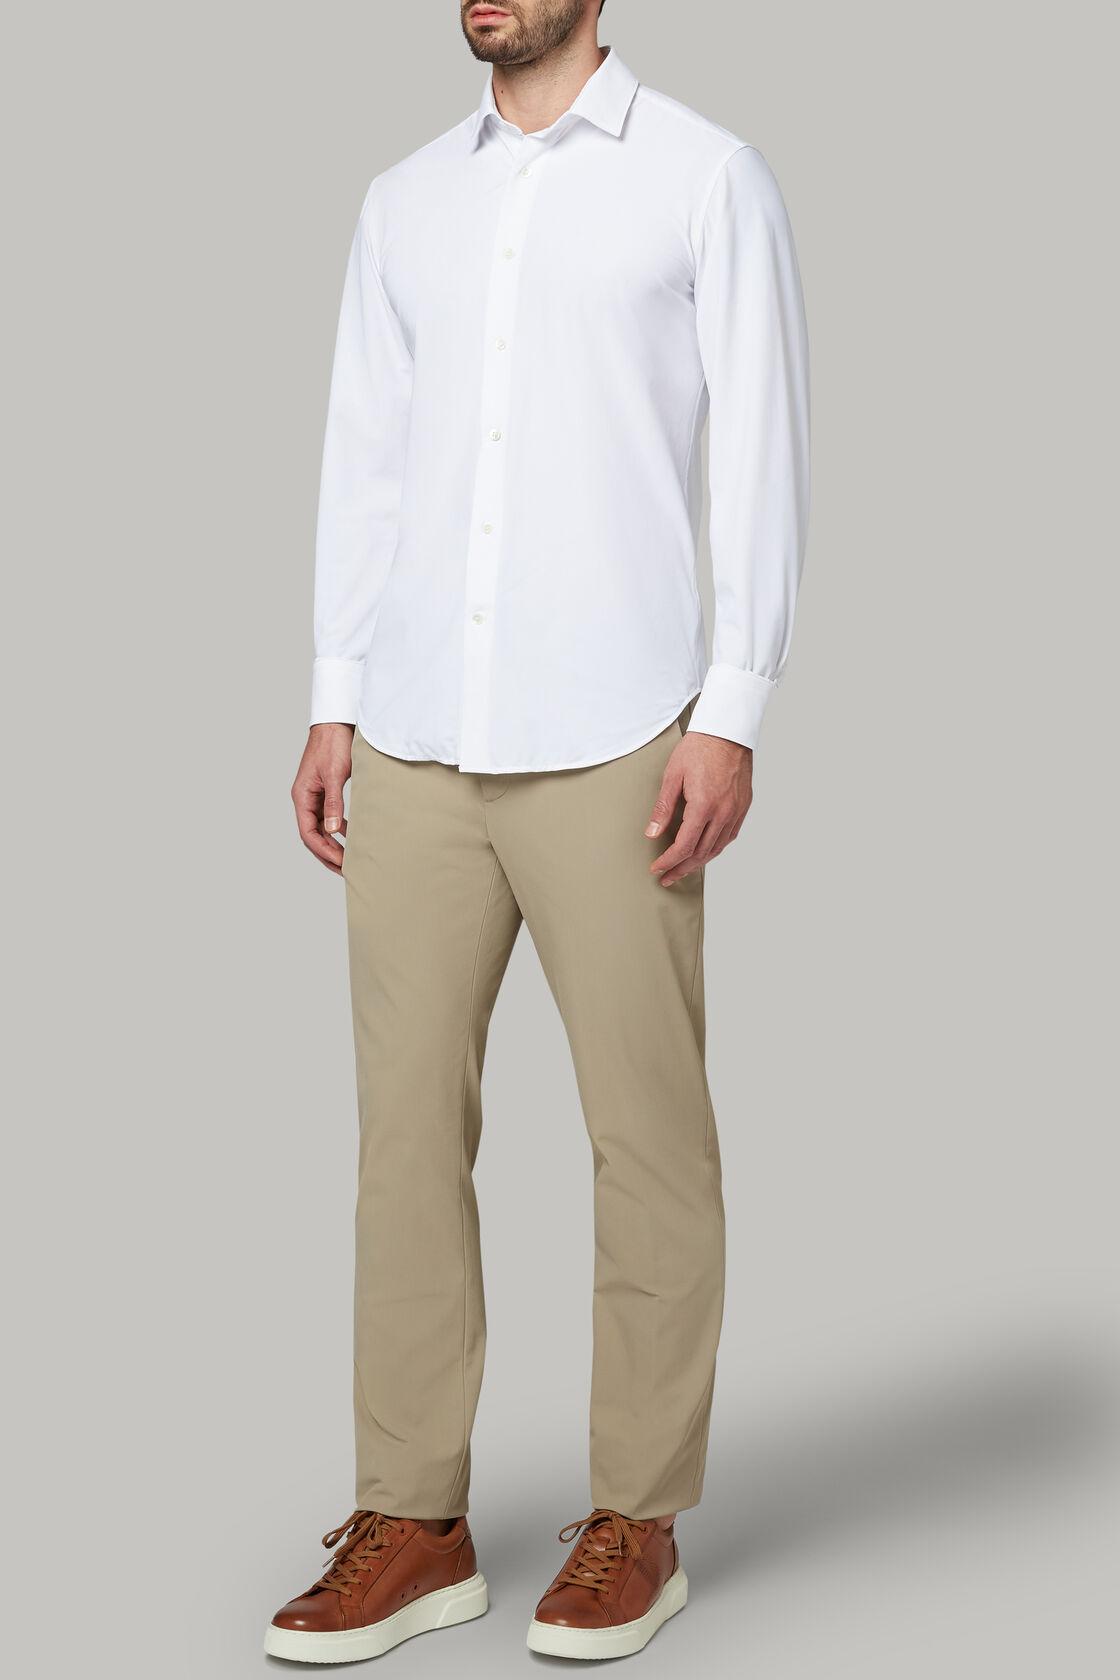 Weisses hemd mit tokyo- kragen aus elastischem nylon slim fit, Weiß, hi-res